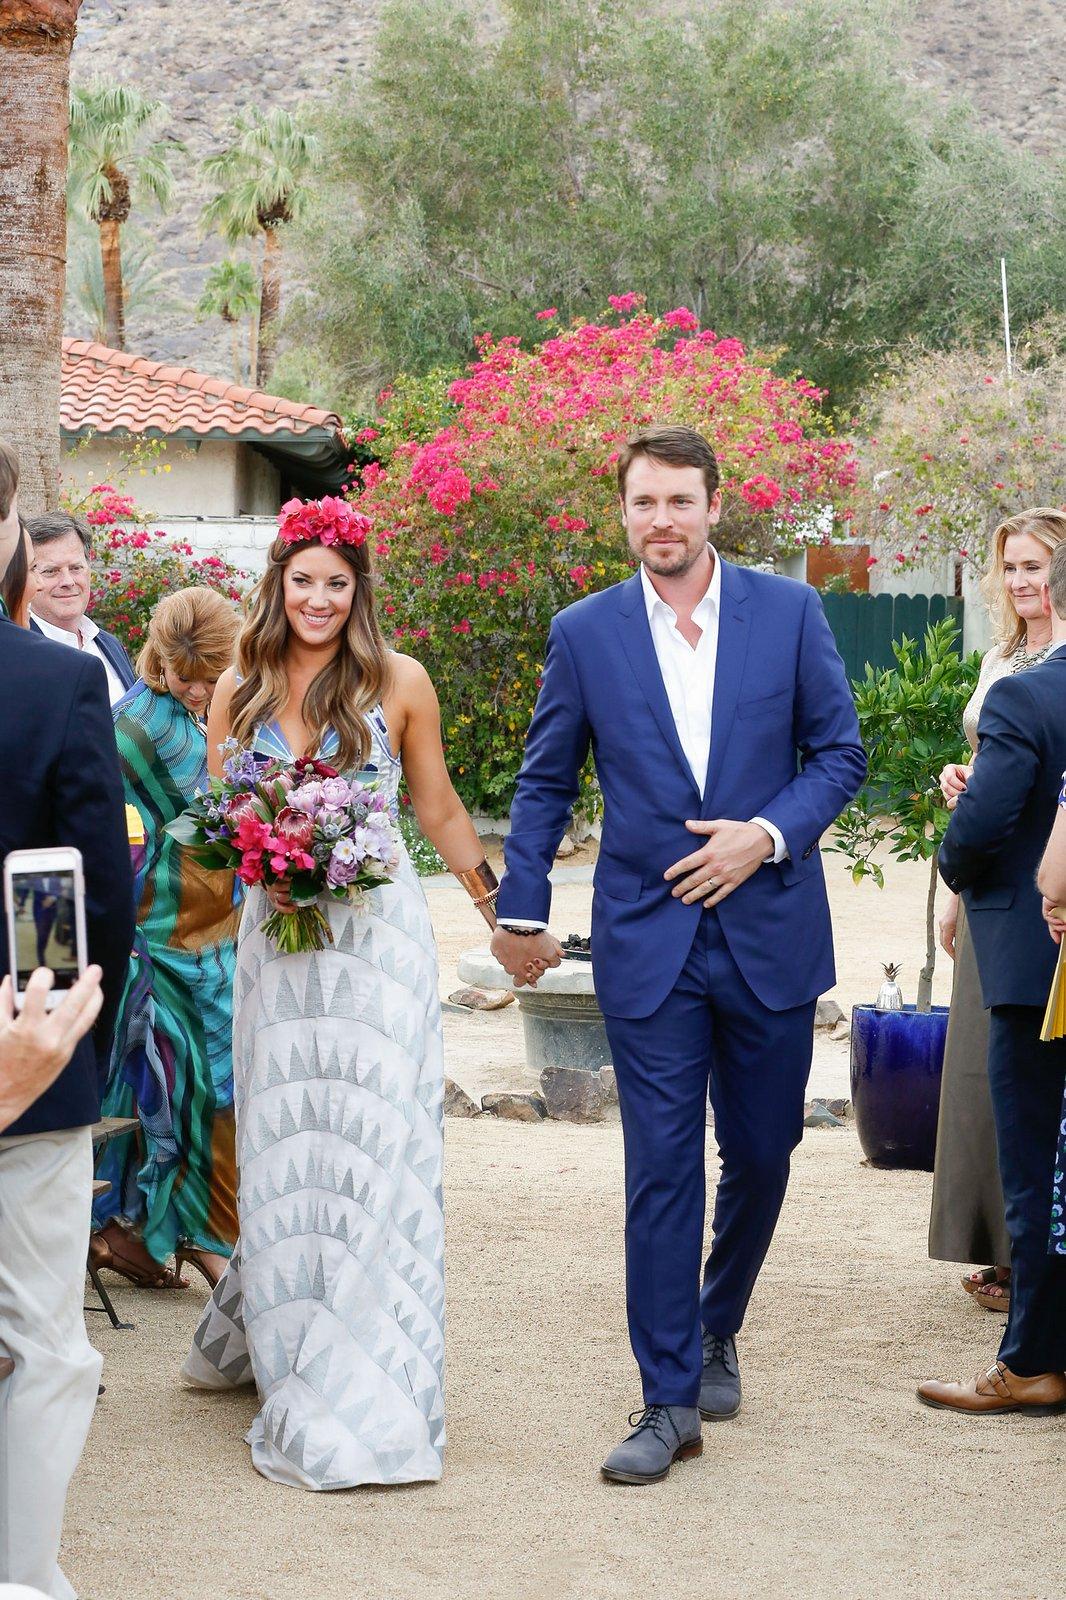 19-billy-farrell-bethanie-brady-wedding.jpg